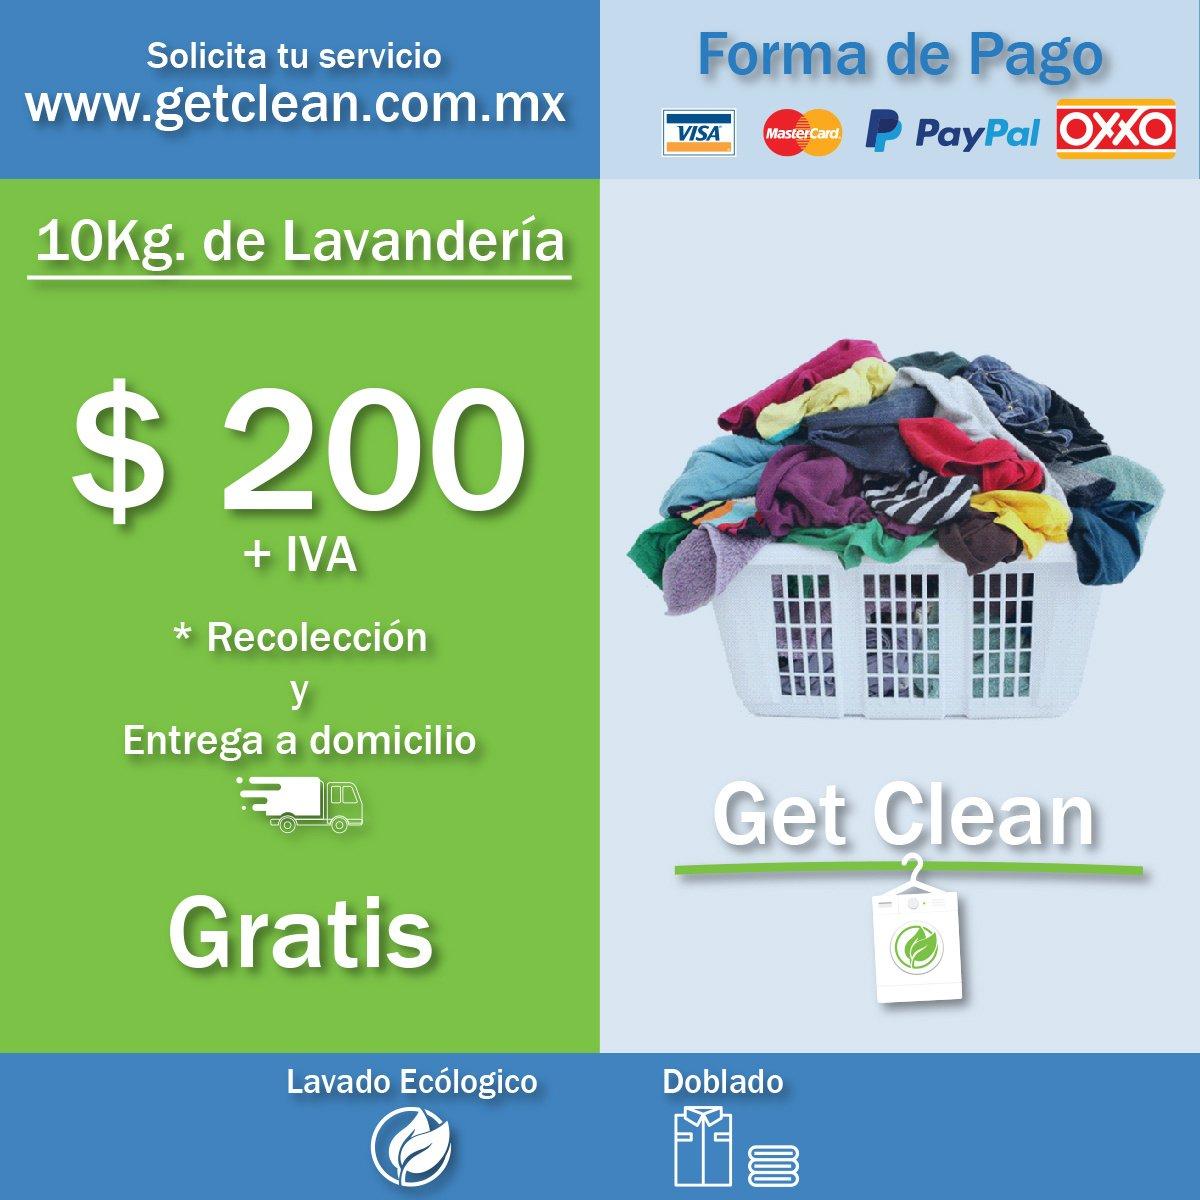 https://0201.nccdn.net/1_2/000/000/166/33e/Servicio-de-Lavander--a-10-Kg-1200x1200.jpg